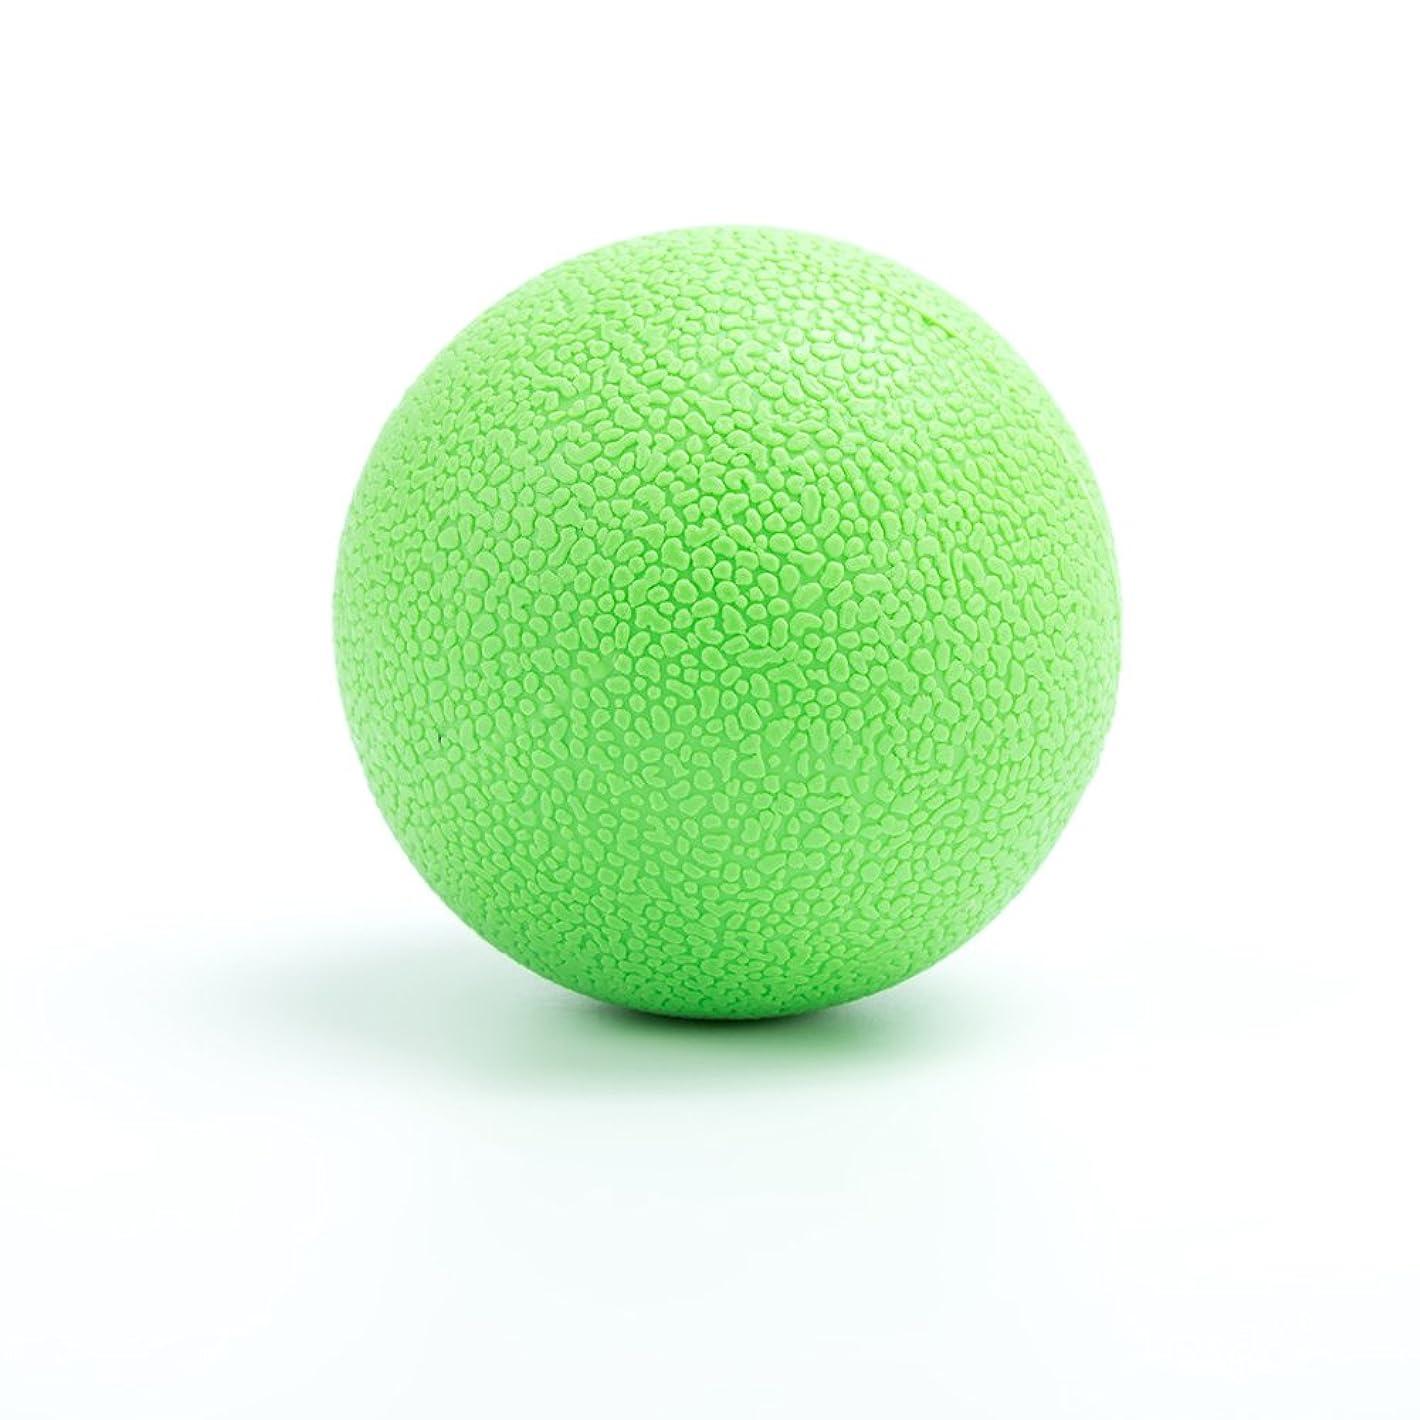 こねるフィールド囲むMassage Ball マッサージボール 筋膜リリース Yoga Lacrosse Ball 背中 肩こり 腰 ふくらはぎ 足裏 ツボ押しグッズ